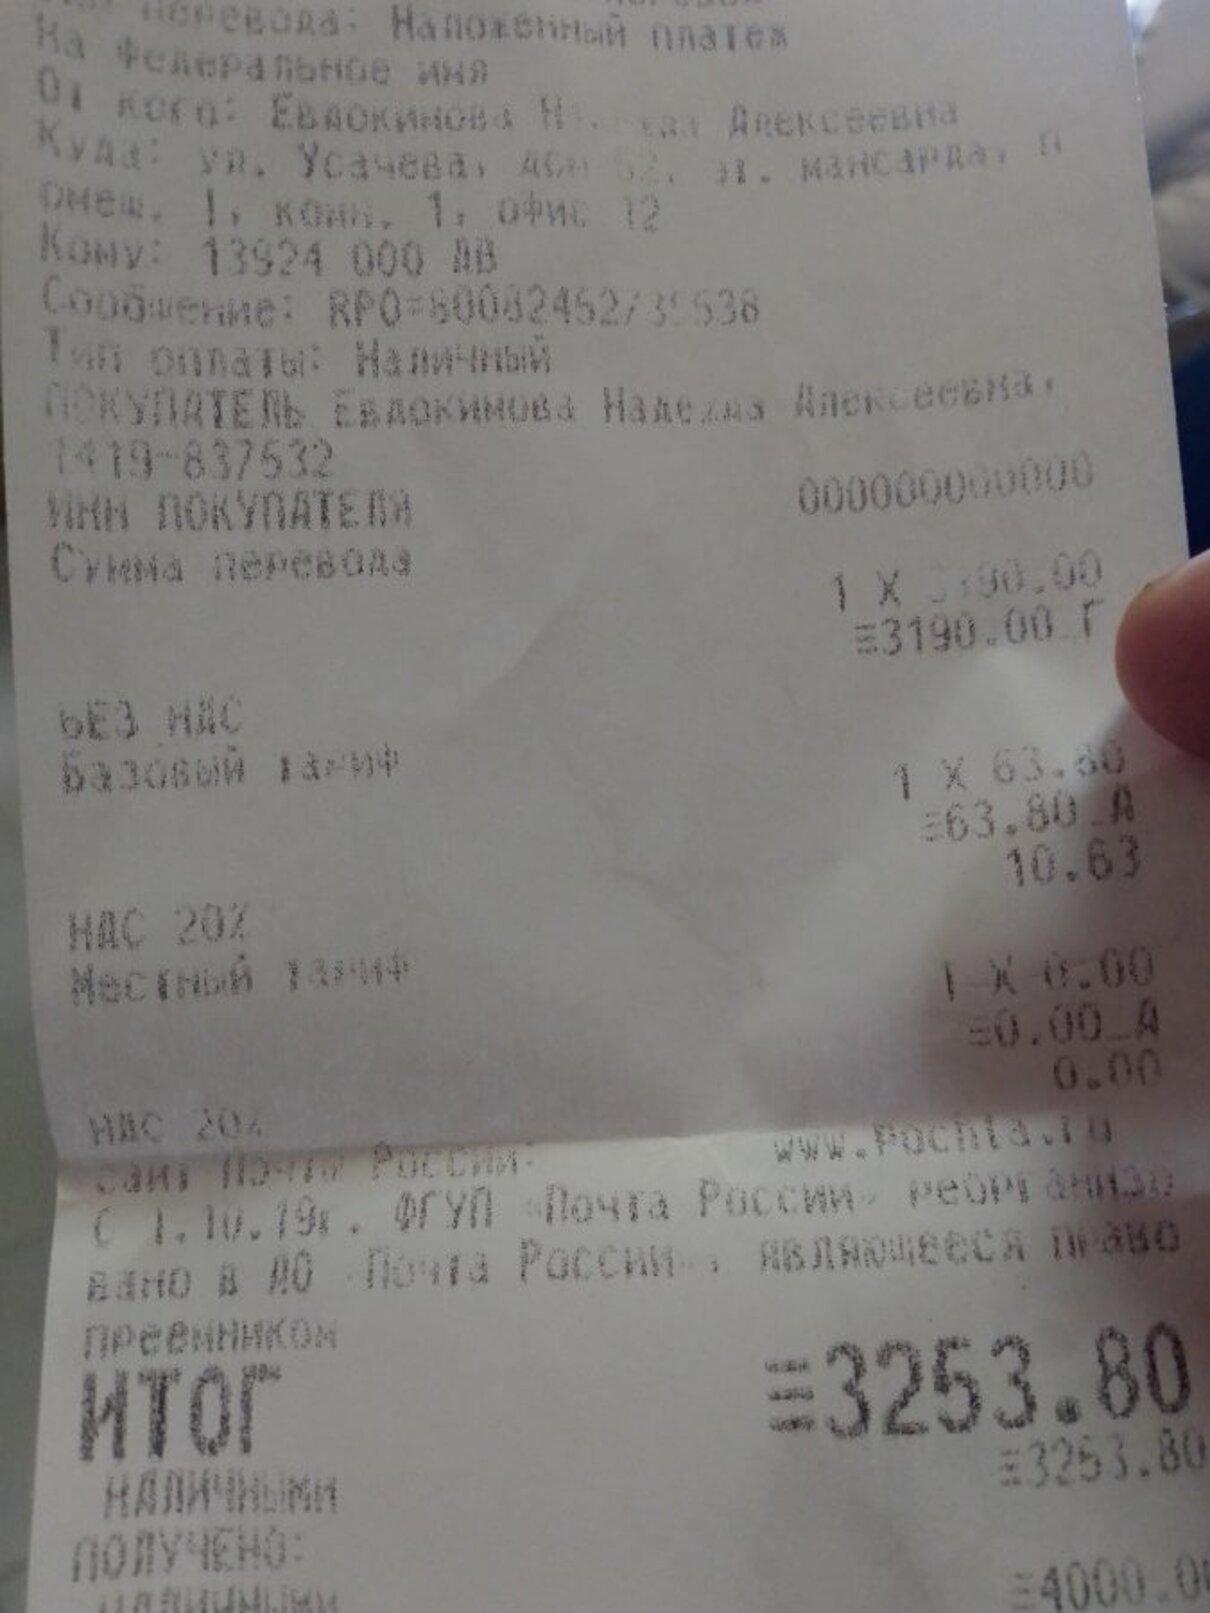 Жалоба-отзыв: Vopros-po-tova@mail.ru - Вернуть деньги за не верный заказ и размер.  Фото №1